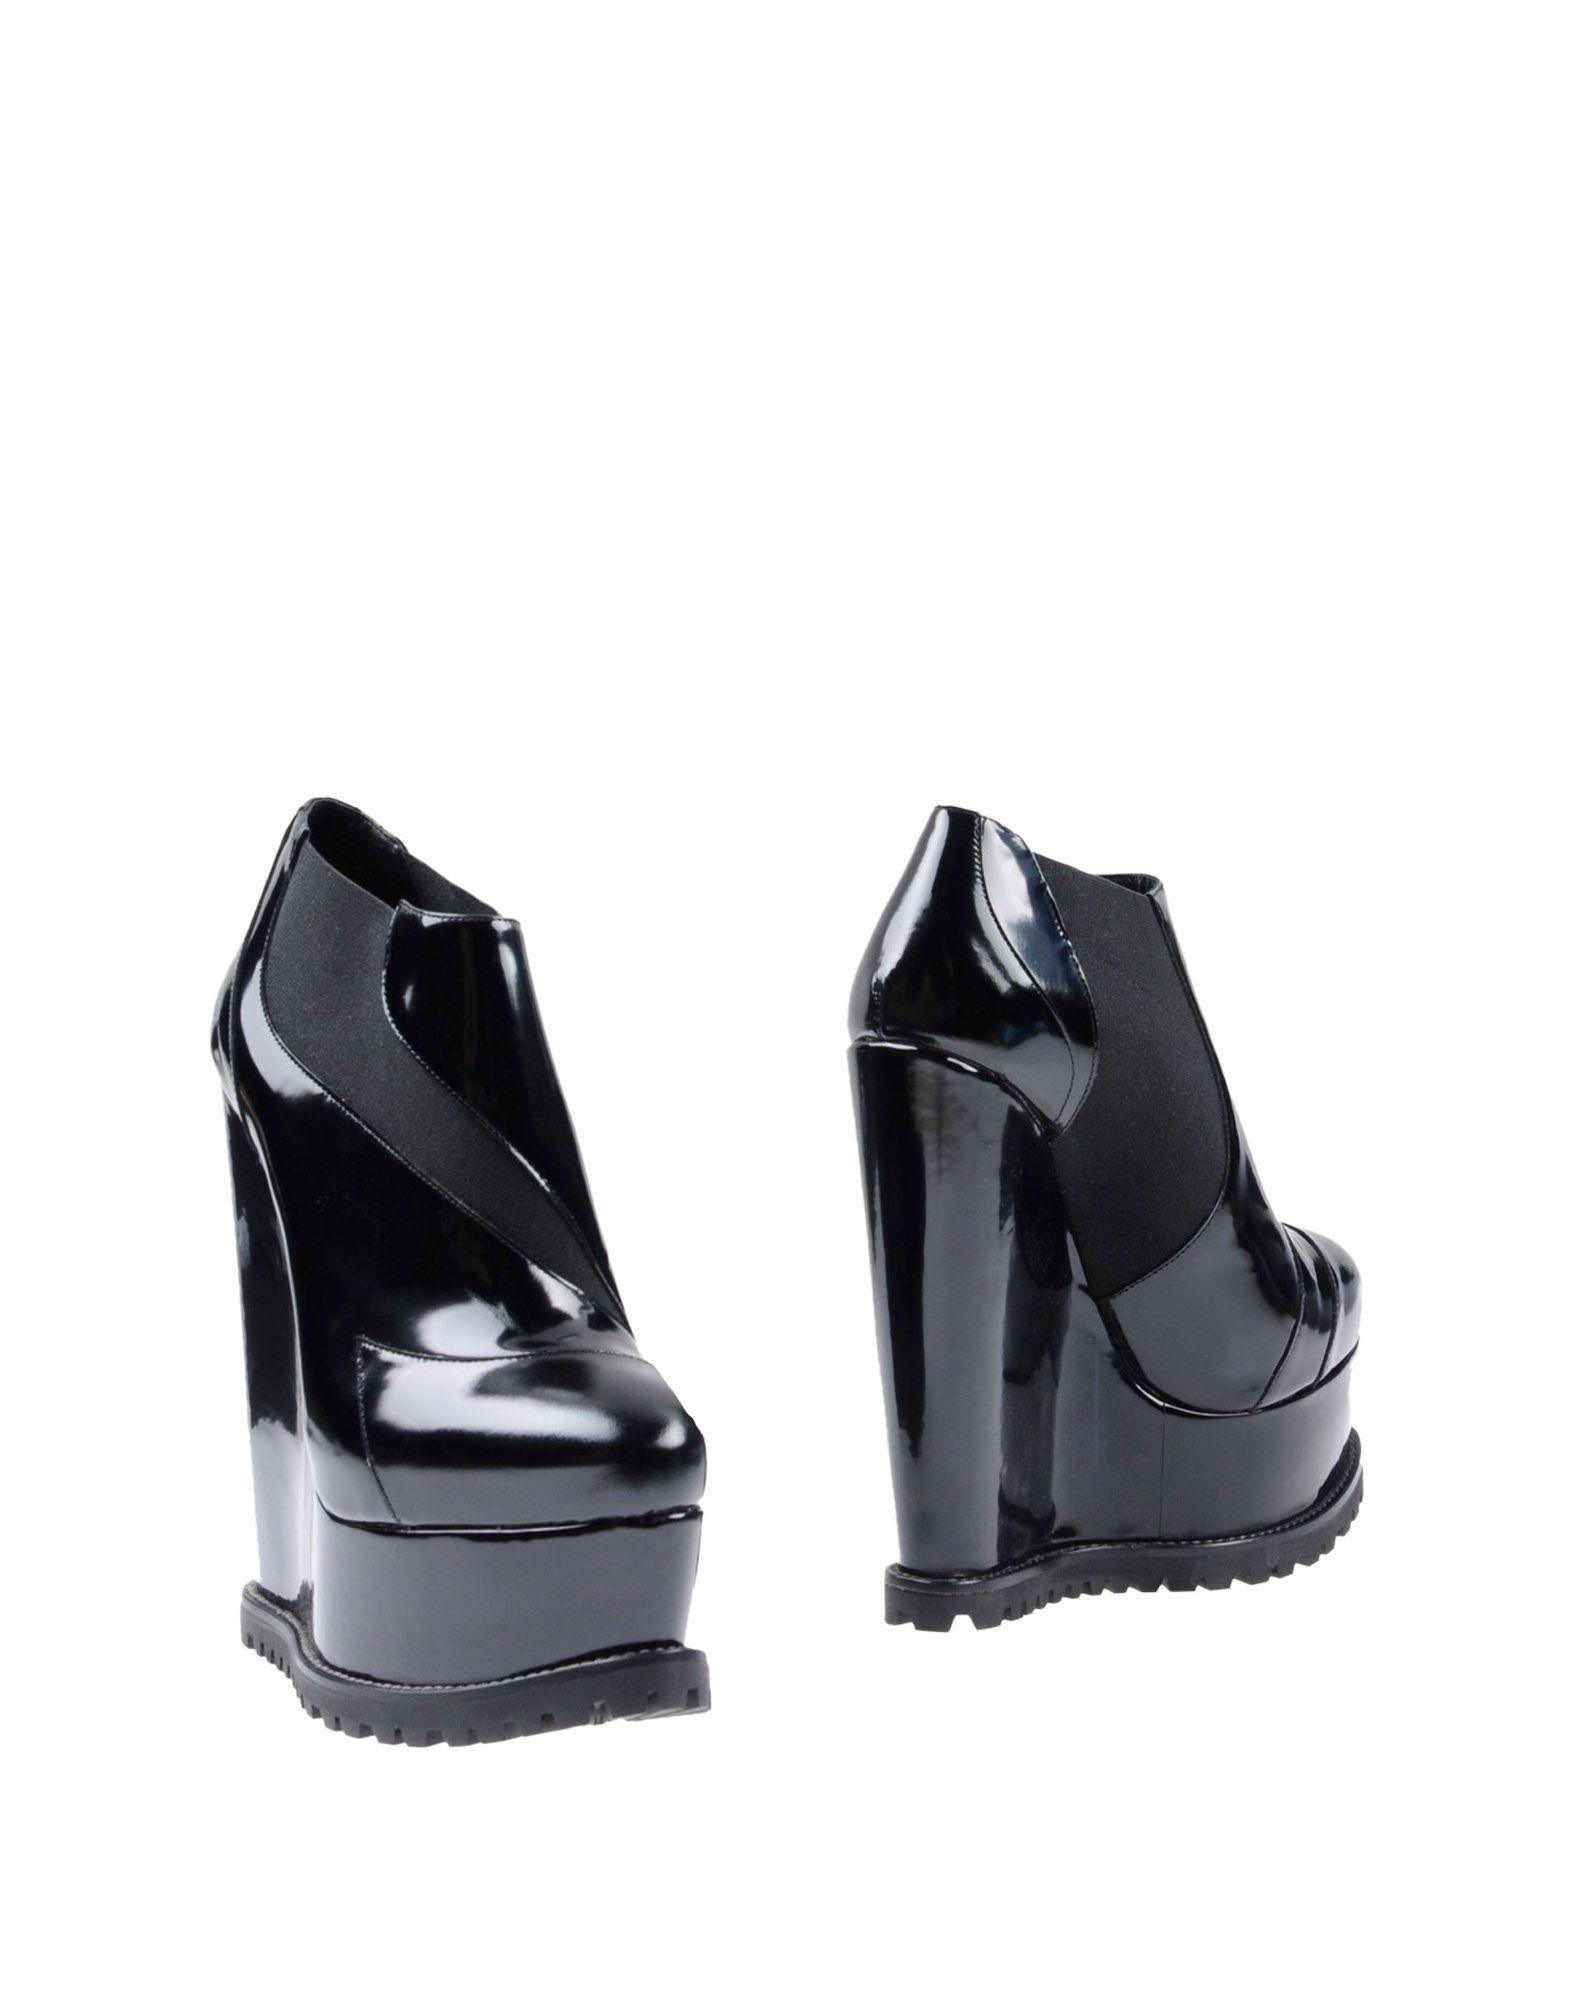 Haltbare Mode billige Schuhe Alaïa Stiefelette Damen  11434080KW Heiße Schuhe